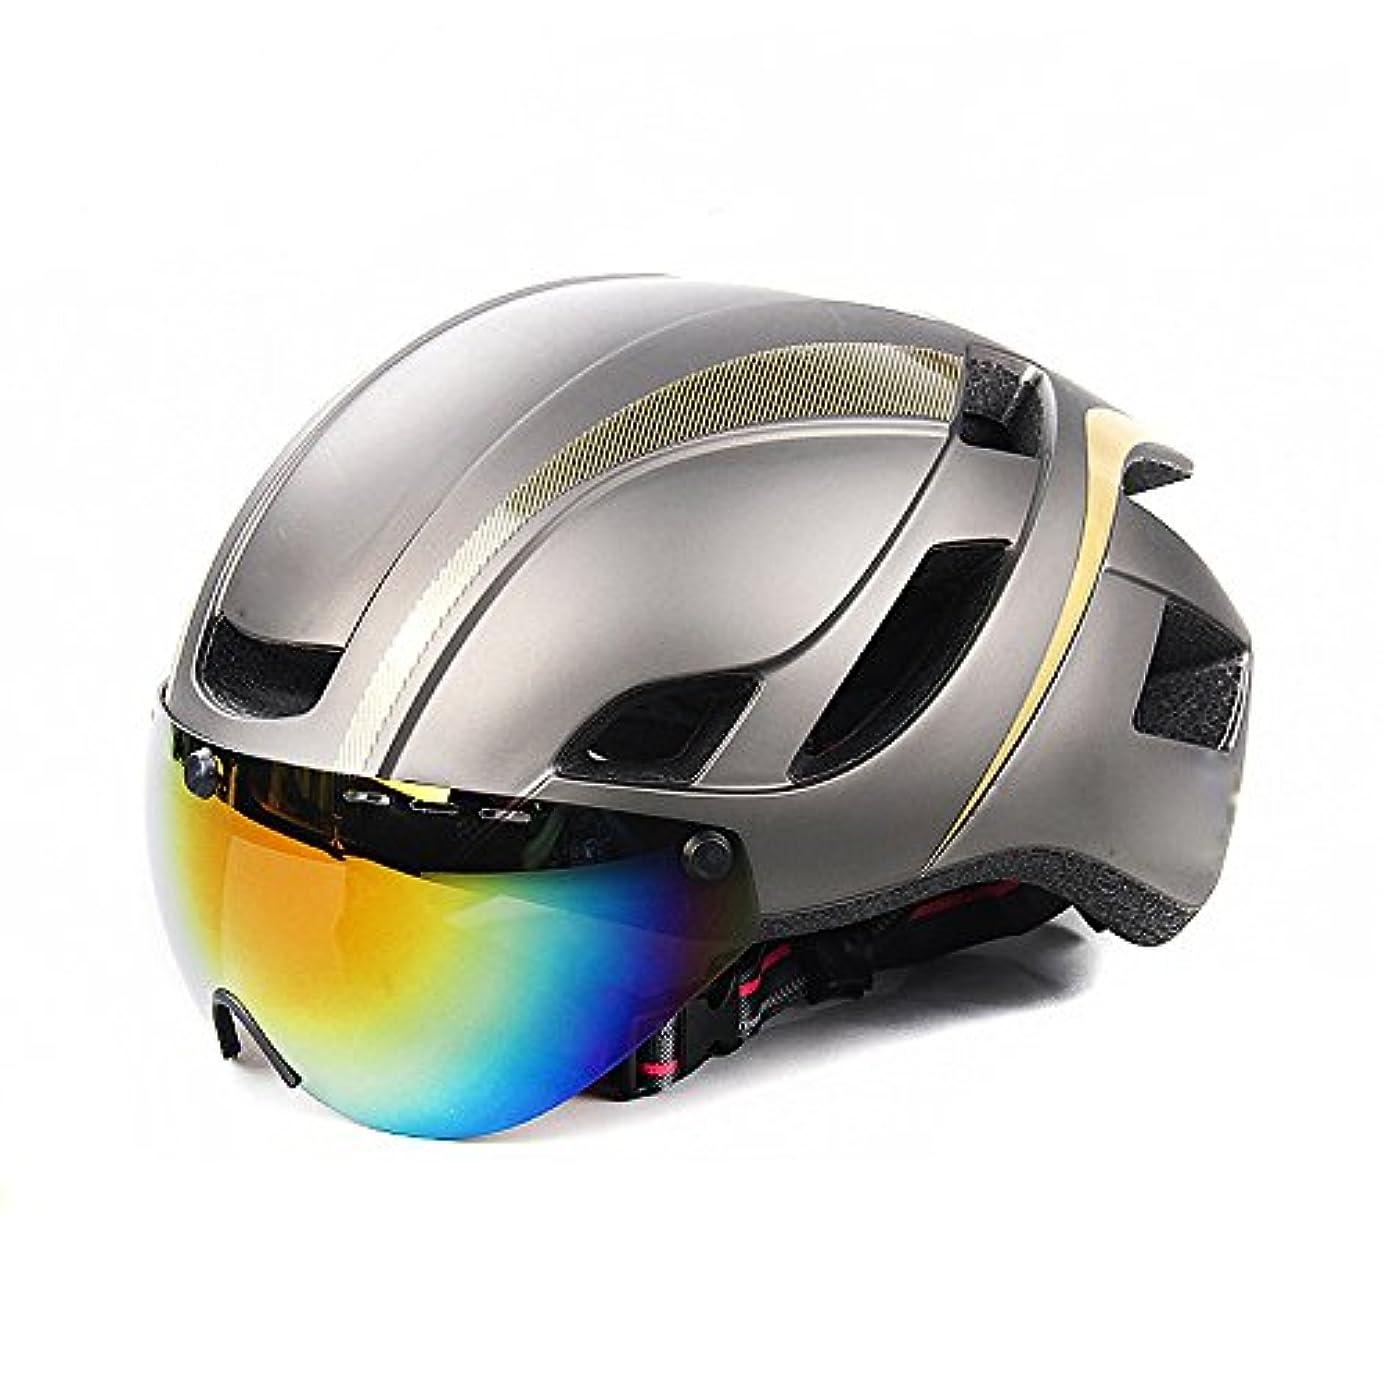 禁輸フルーツこんにちは着脱自在の磁気ゴーグル付きサイクリング自転車ヘルメットバイザーシールドfor男性男性用マウンテン&ロードバイクヘルメット調節可能なアダルトセーフティプロテクションと通気性